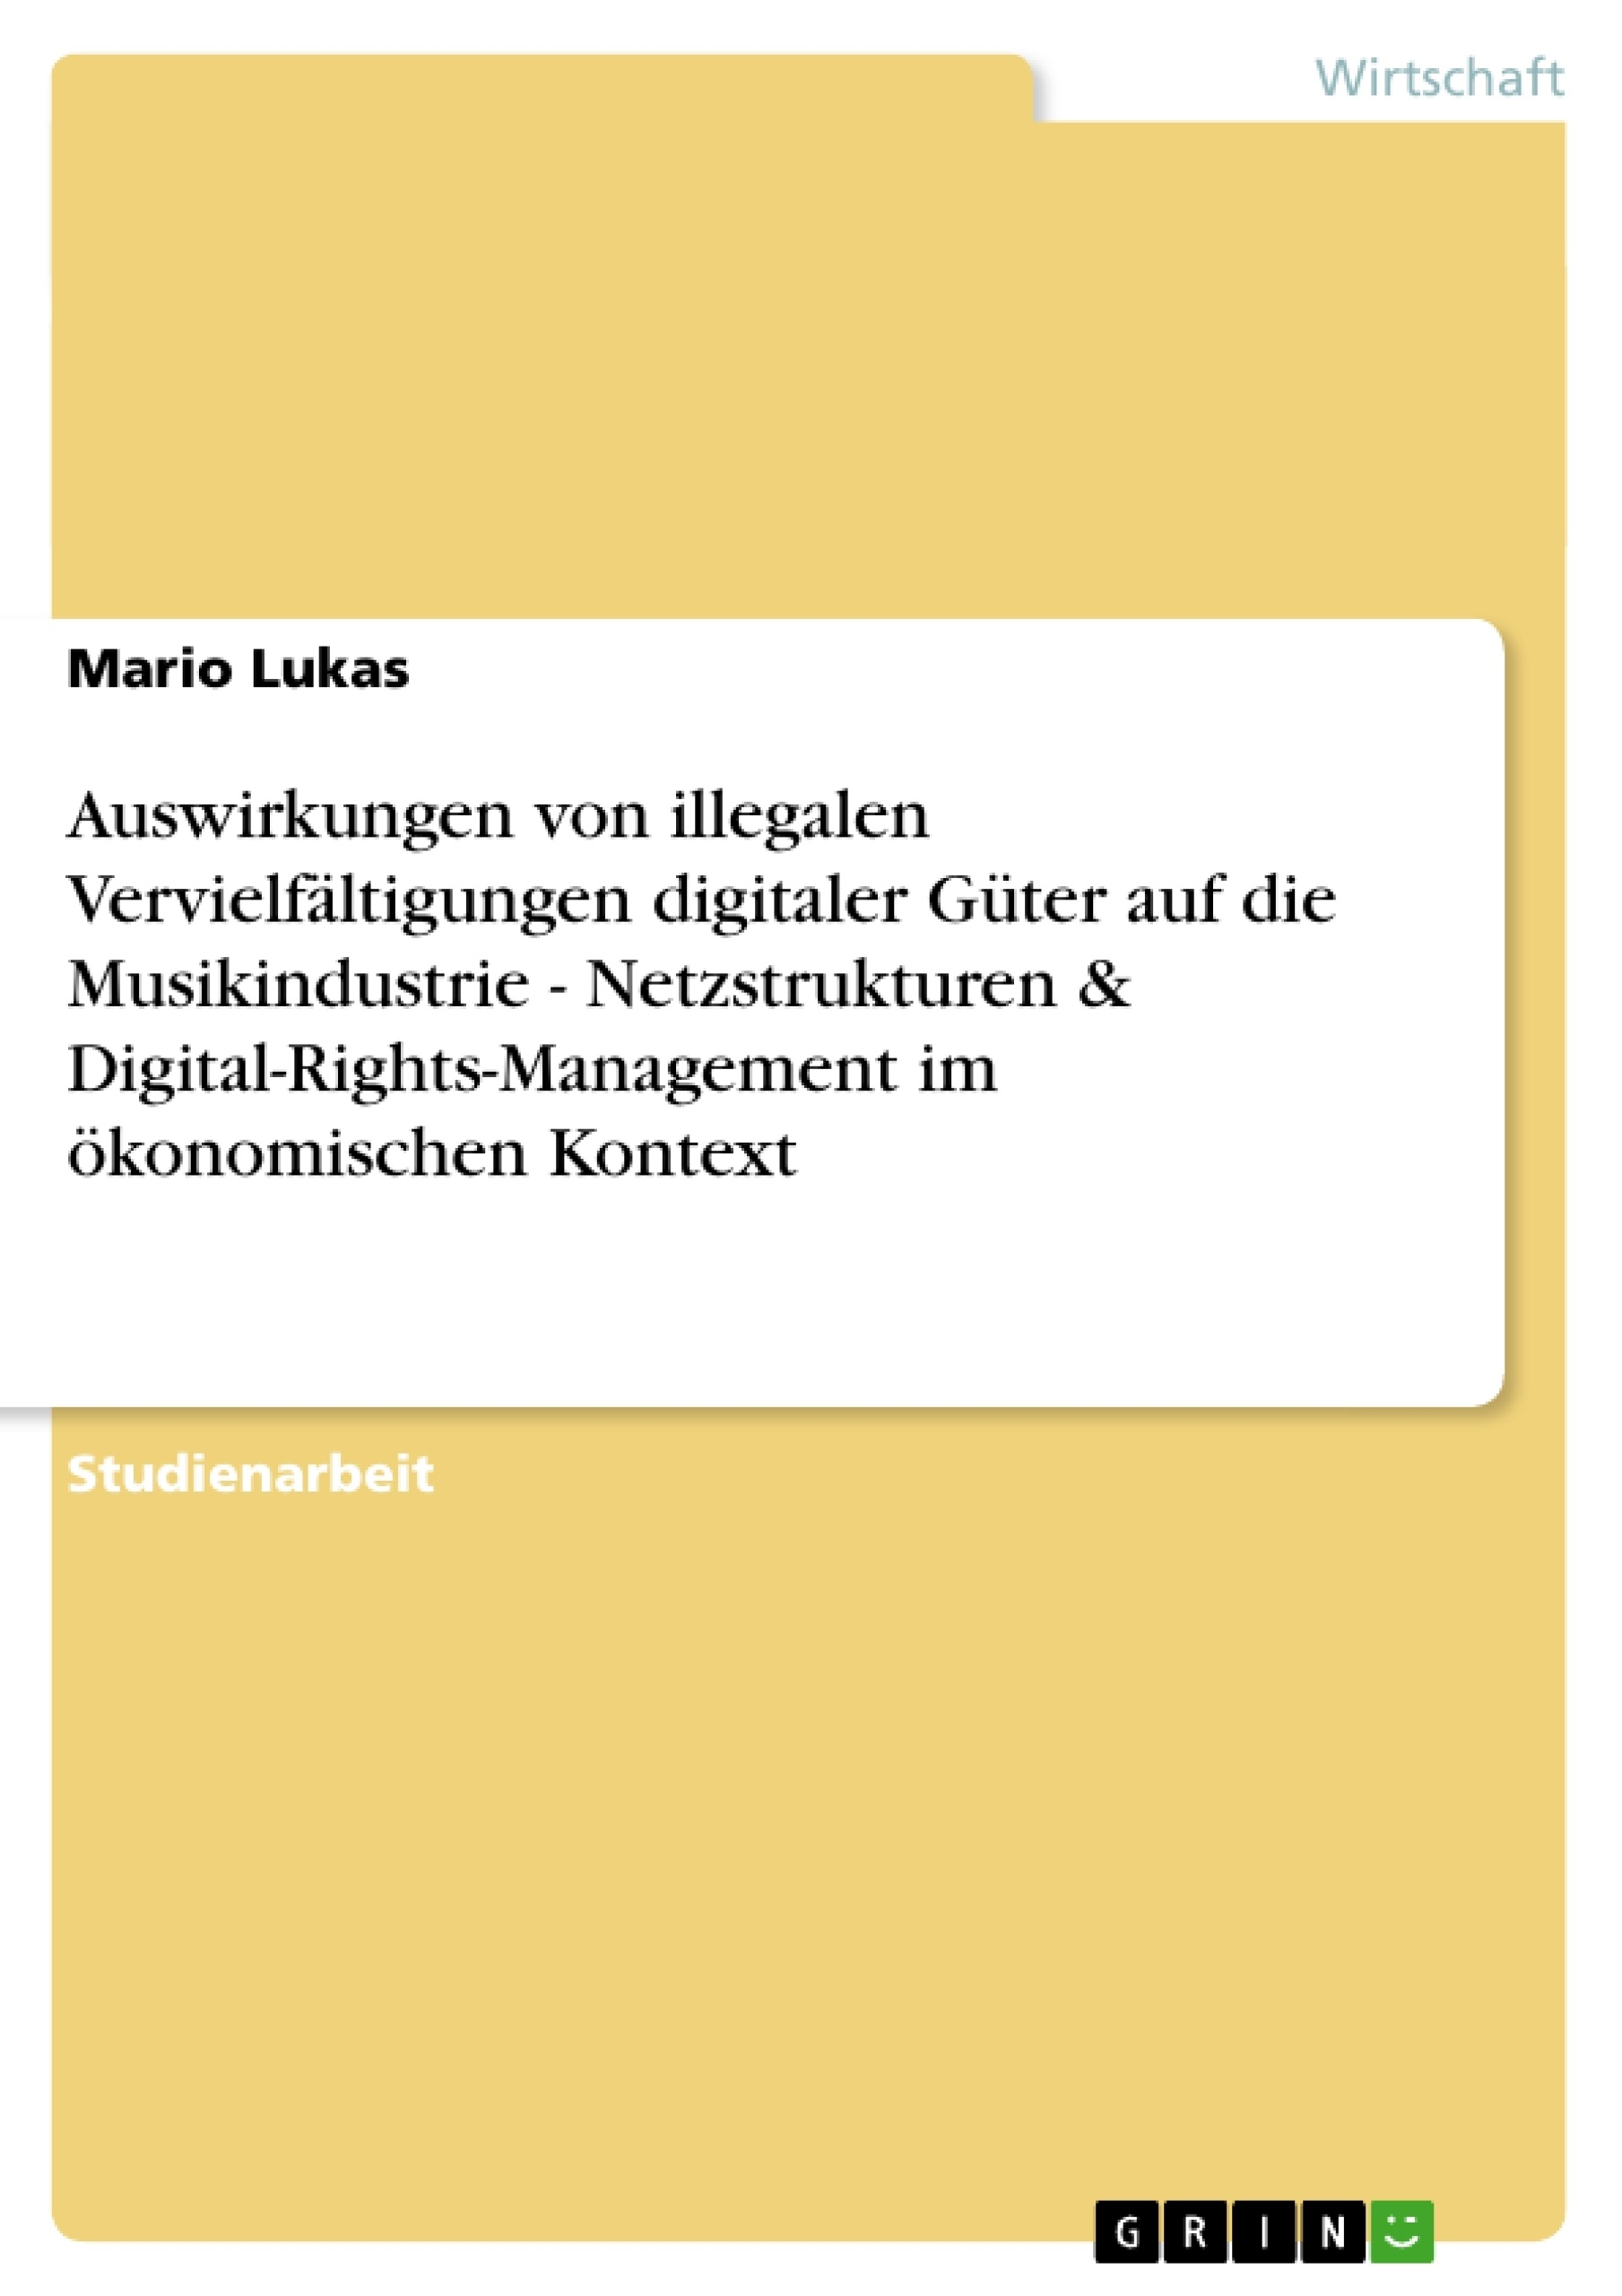 Titel: Auswirkungen von illegalen Vervielfältigungen digitaler Güter auf die Musikindustrie - Netzstrukturen & Digital-Rights-Management im ökonomischen Kontext